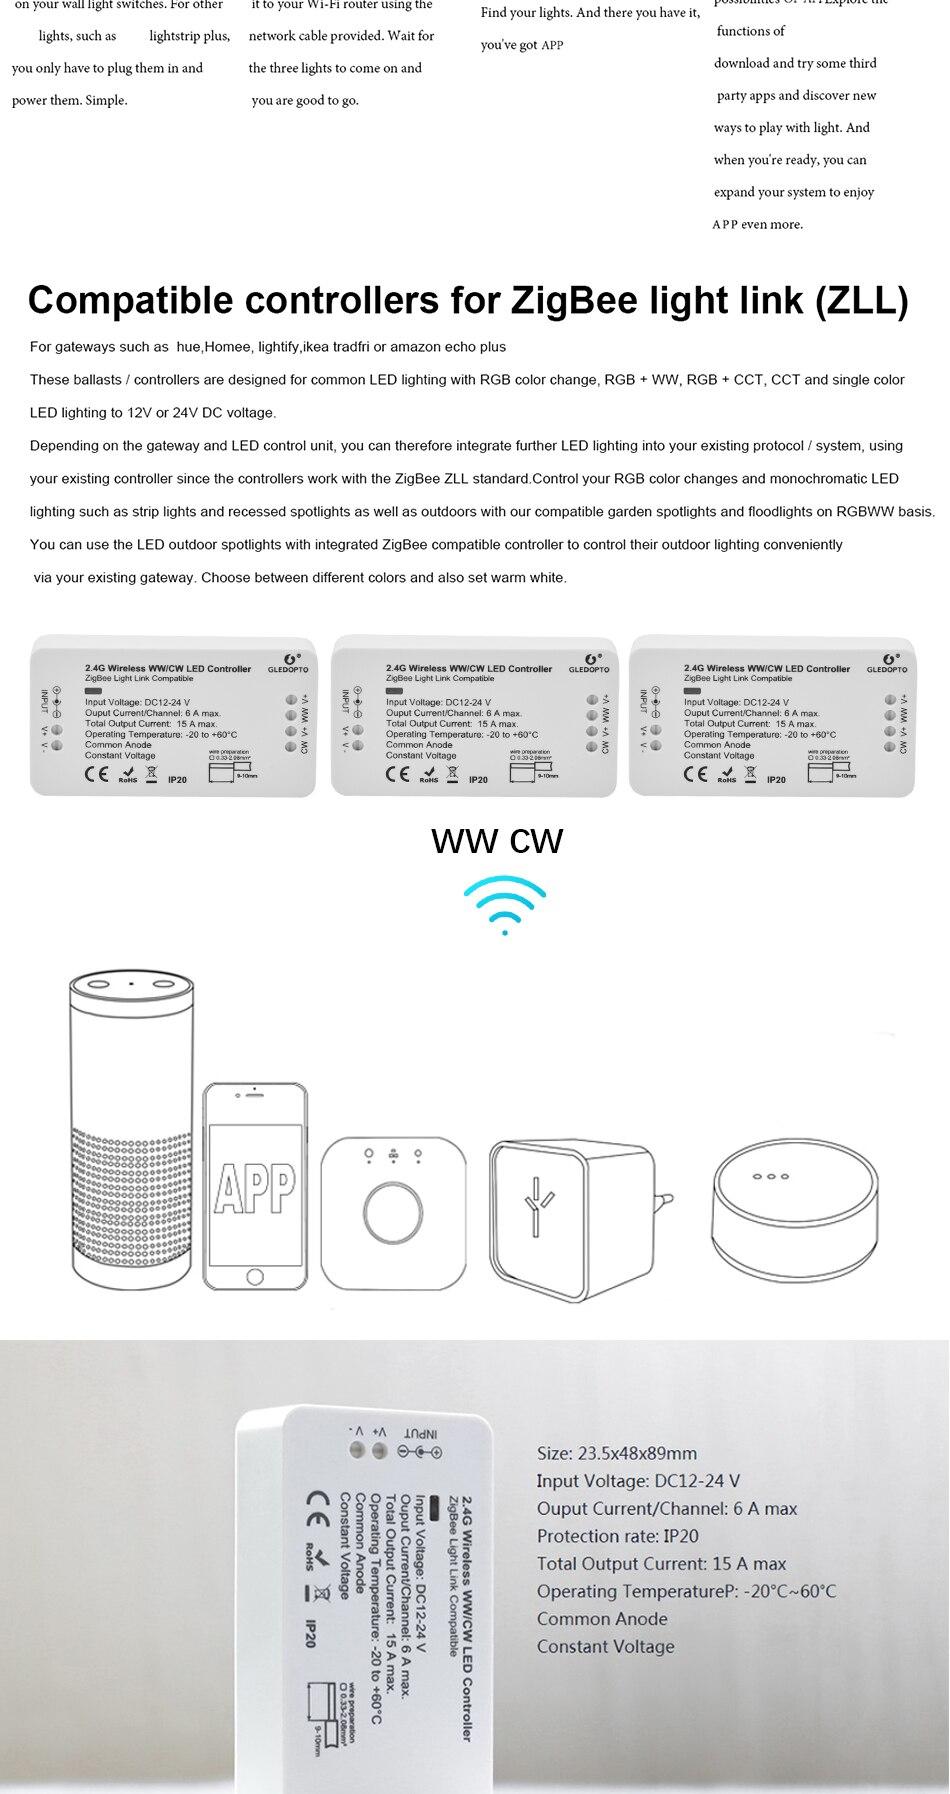 WWCW-_05